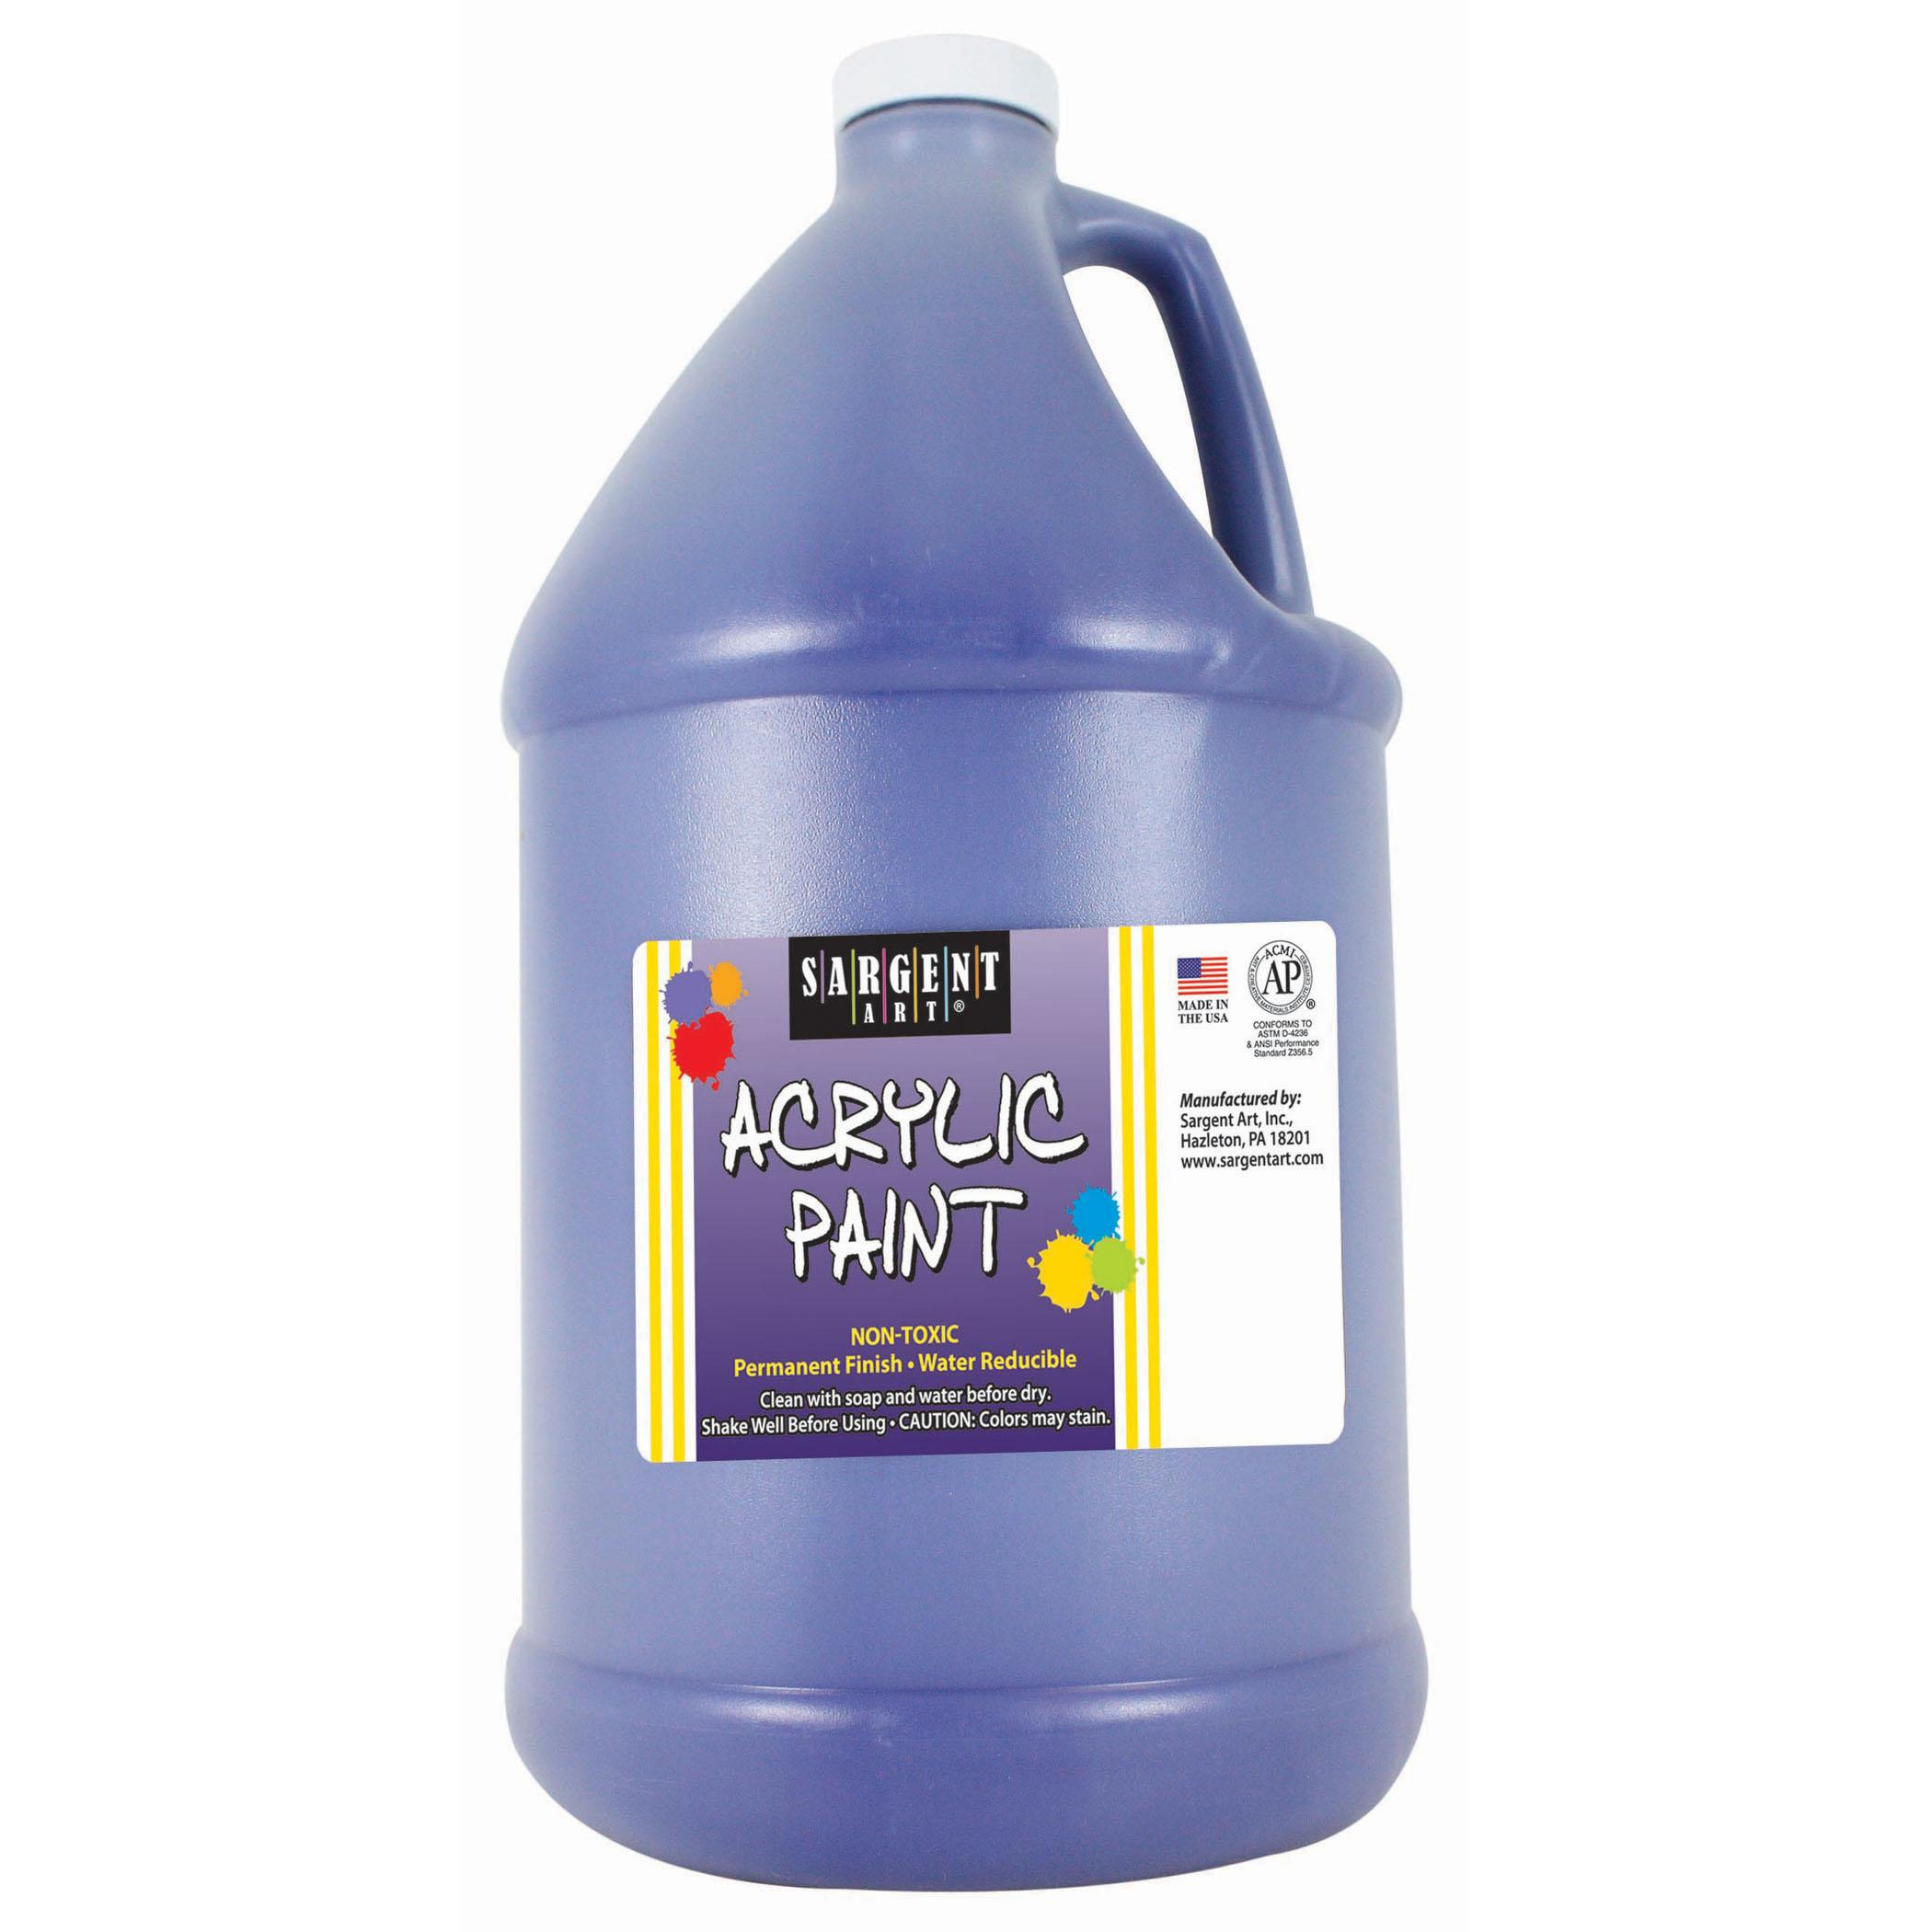 Sargent Art® Acrylic Paint, Blue, 64 oz. Bottle (Half Gallon)